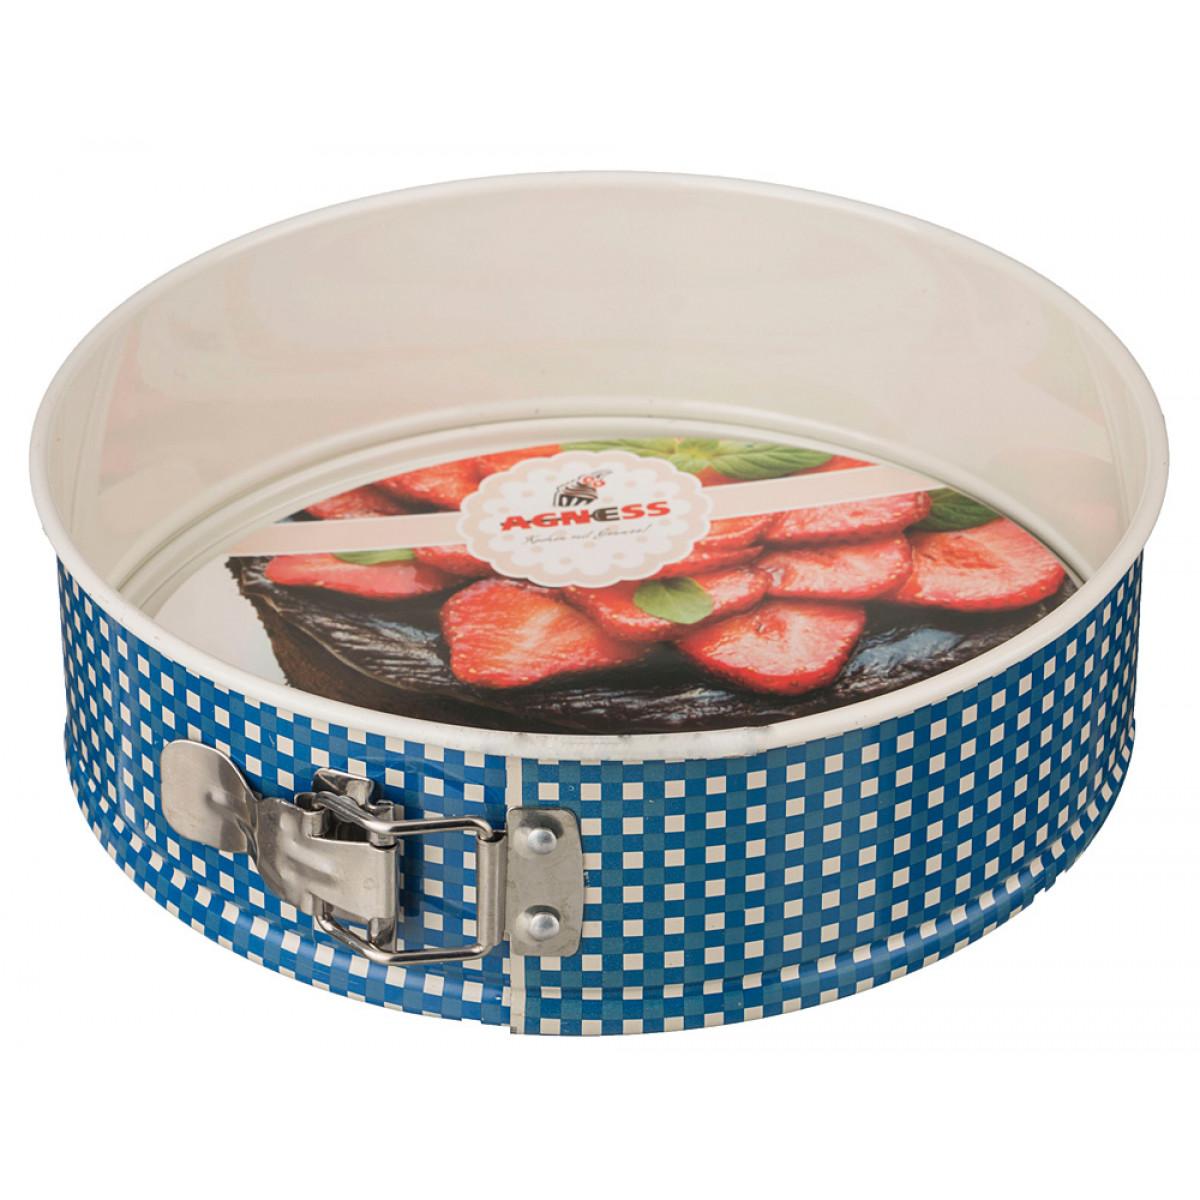 {} Agness Форма для выпечки Maximillian (7х20 см) italwax полоска для депиляции 7х20 см 20 шт 1 упаковка